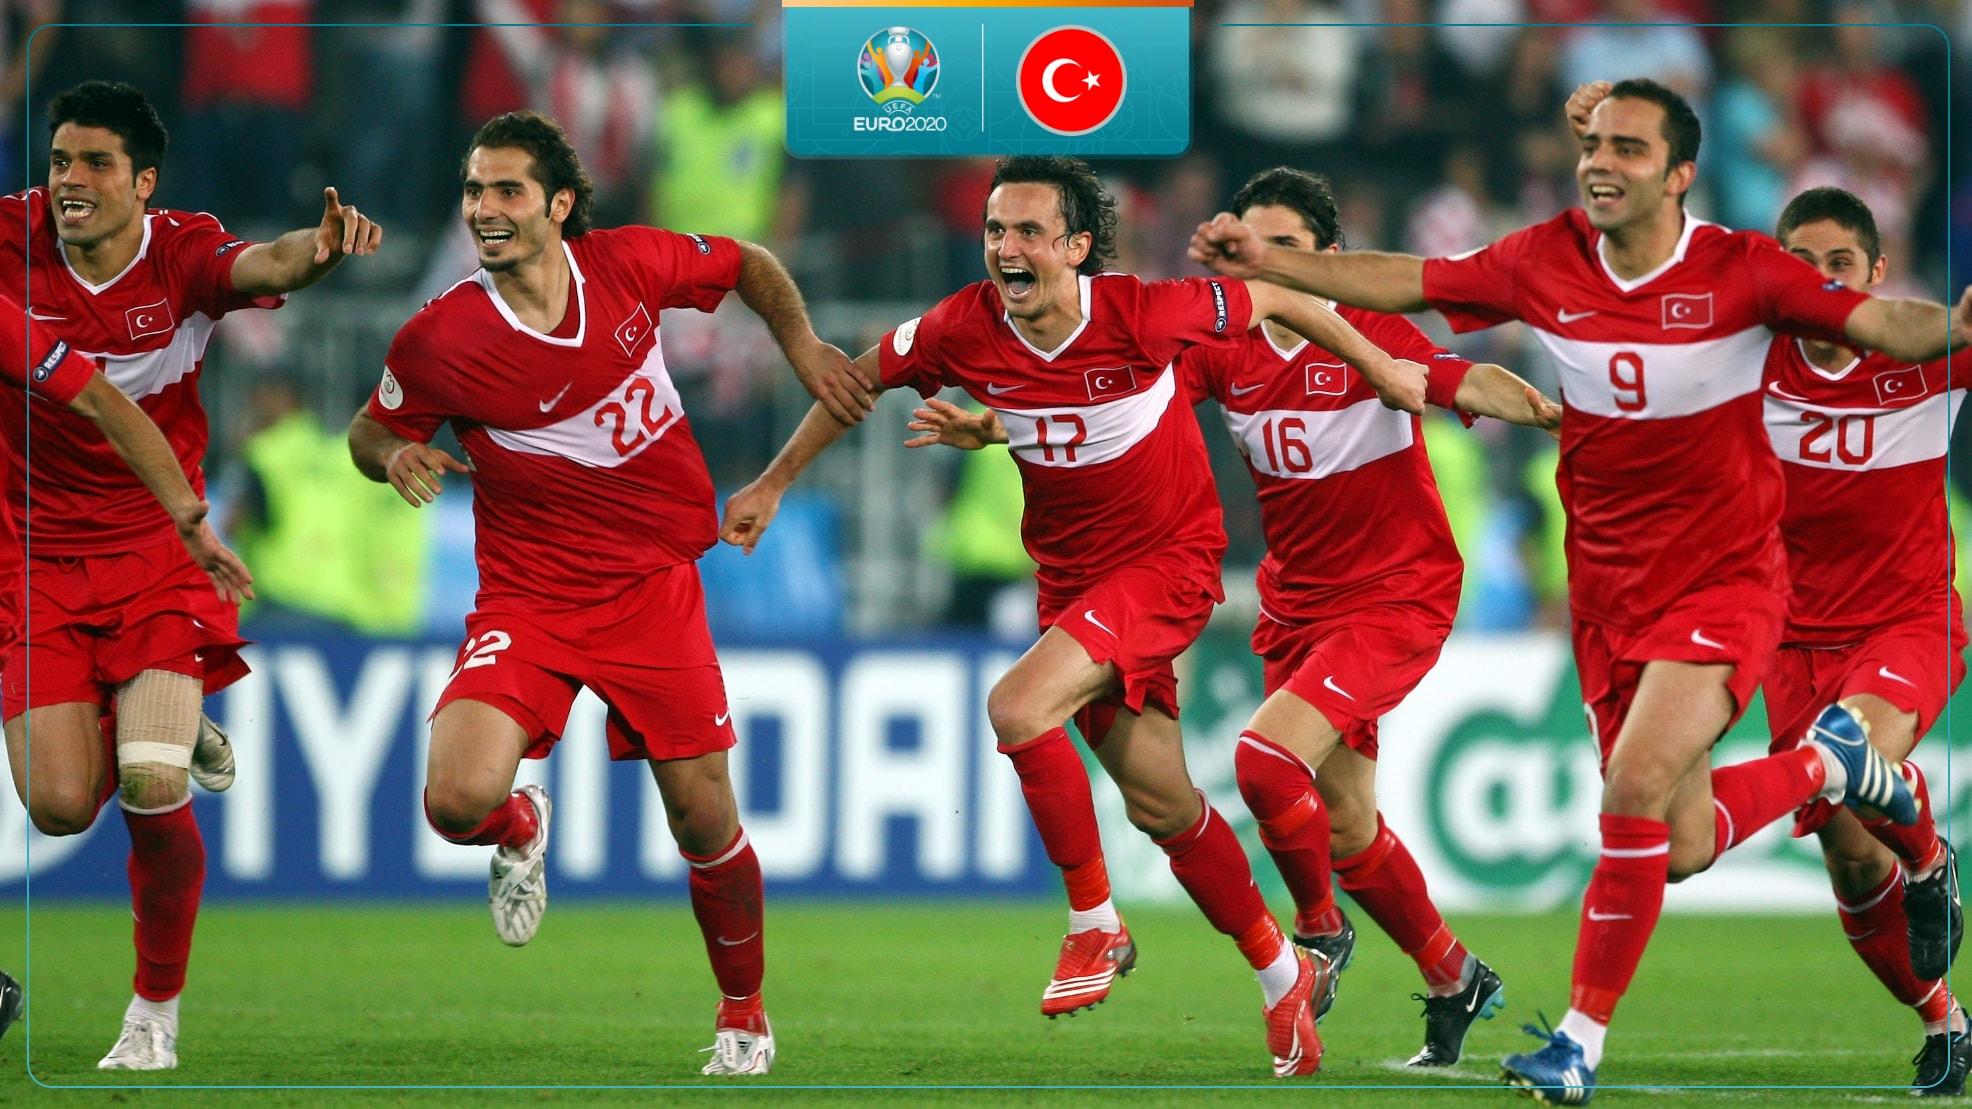 Участники ЕВРО-2020: Турция | UEFA EURO 2020 | UEFA.com